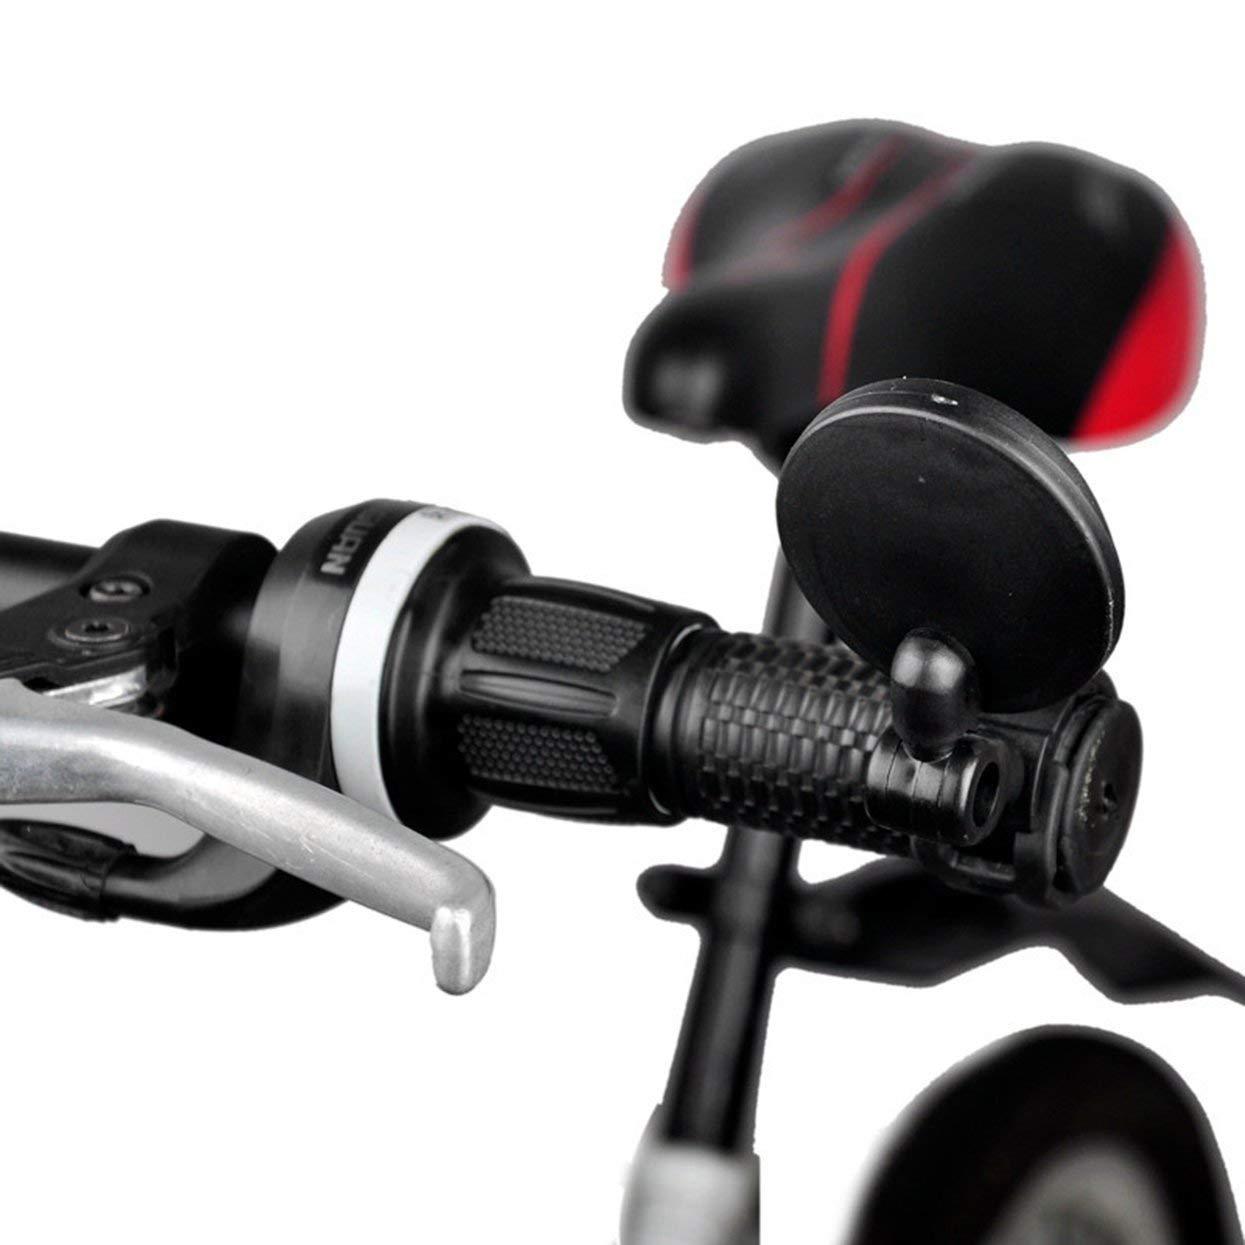 Tree-on-Life Espejo retrovisor Redondo peque/ño Compatible para Bicicleta de monta/ña y Mango de Silicona